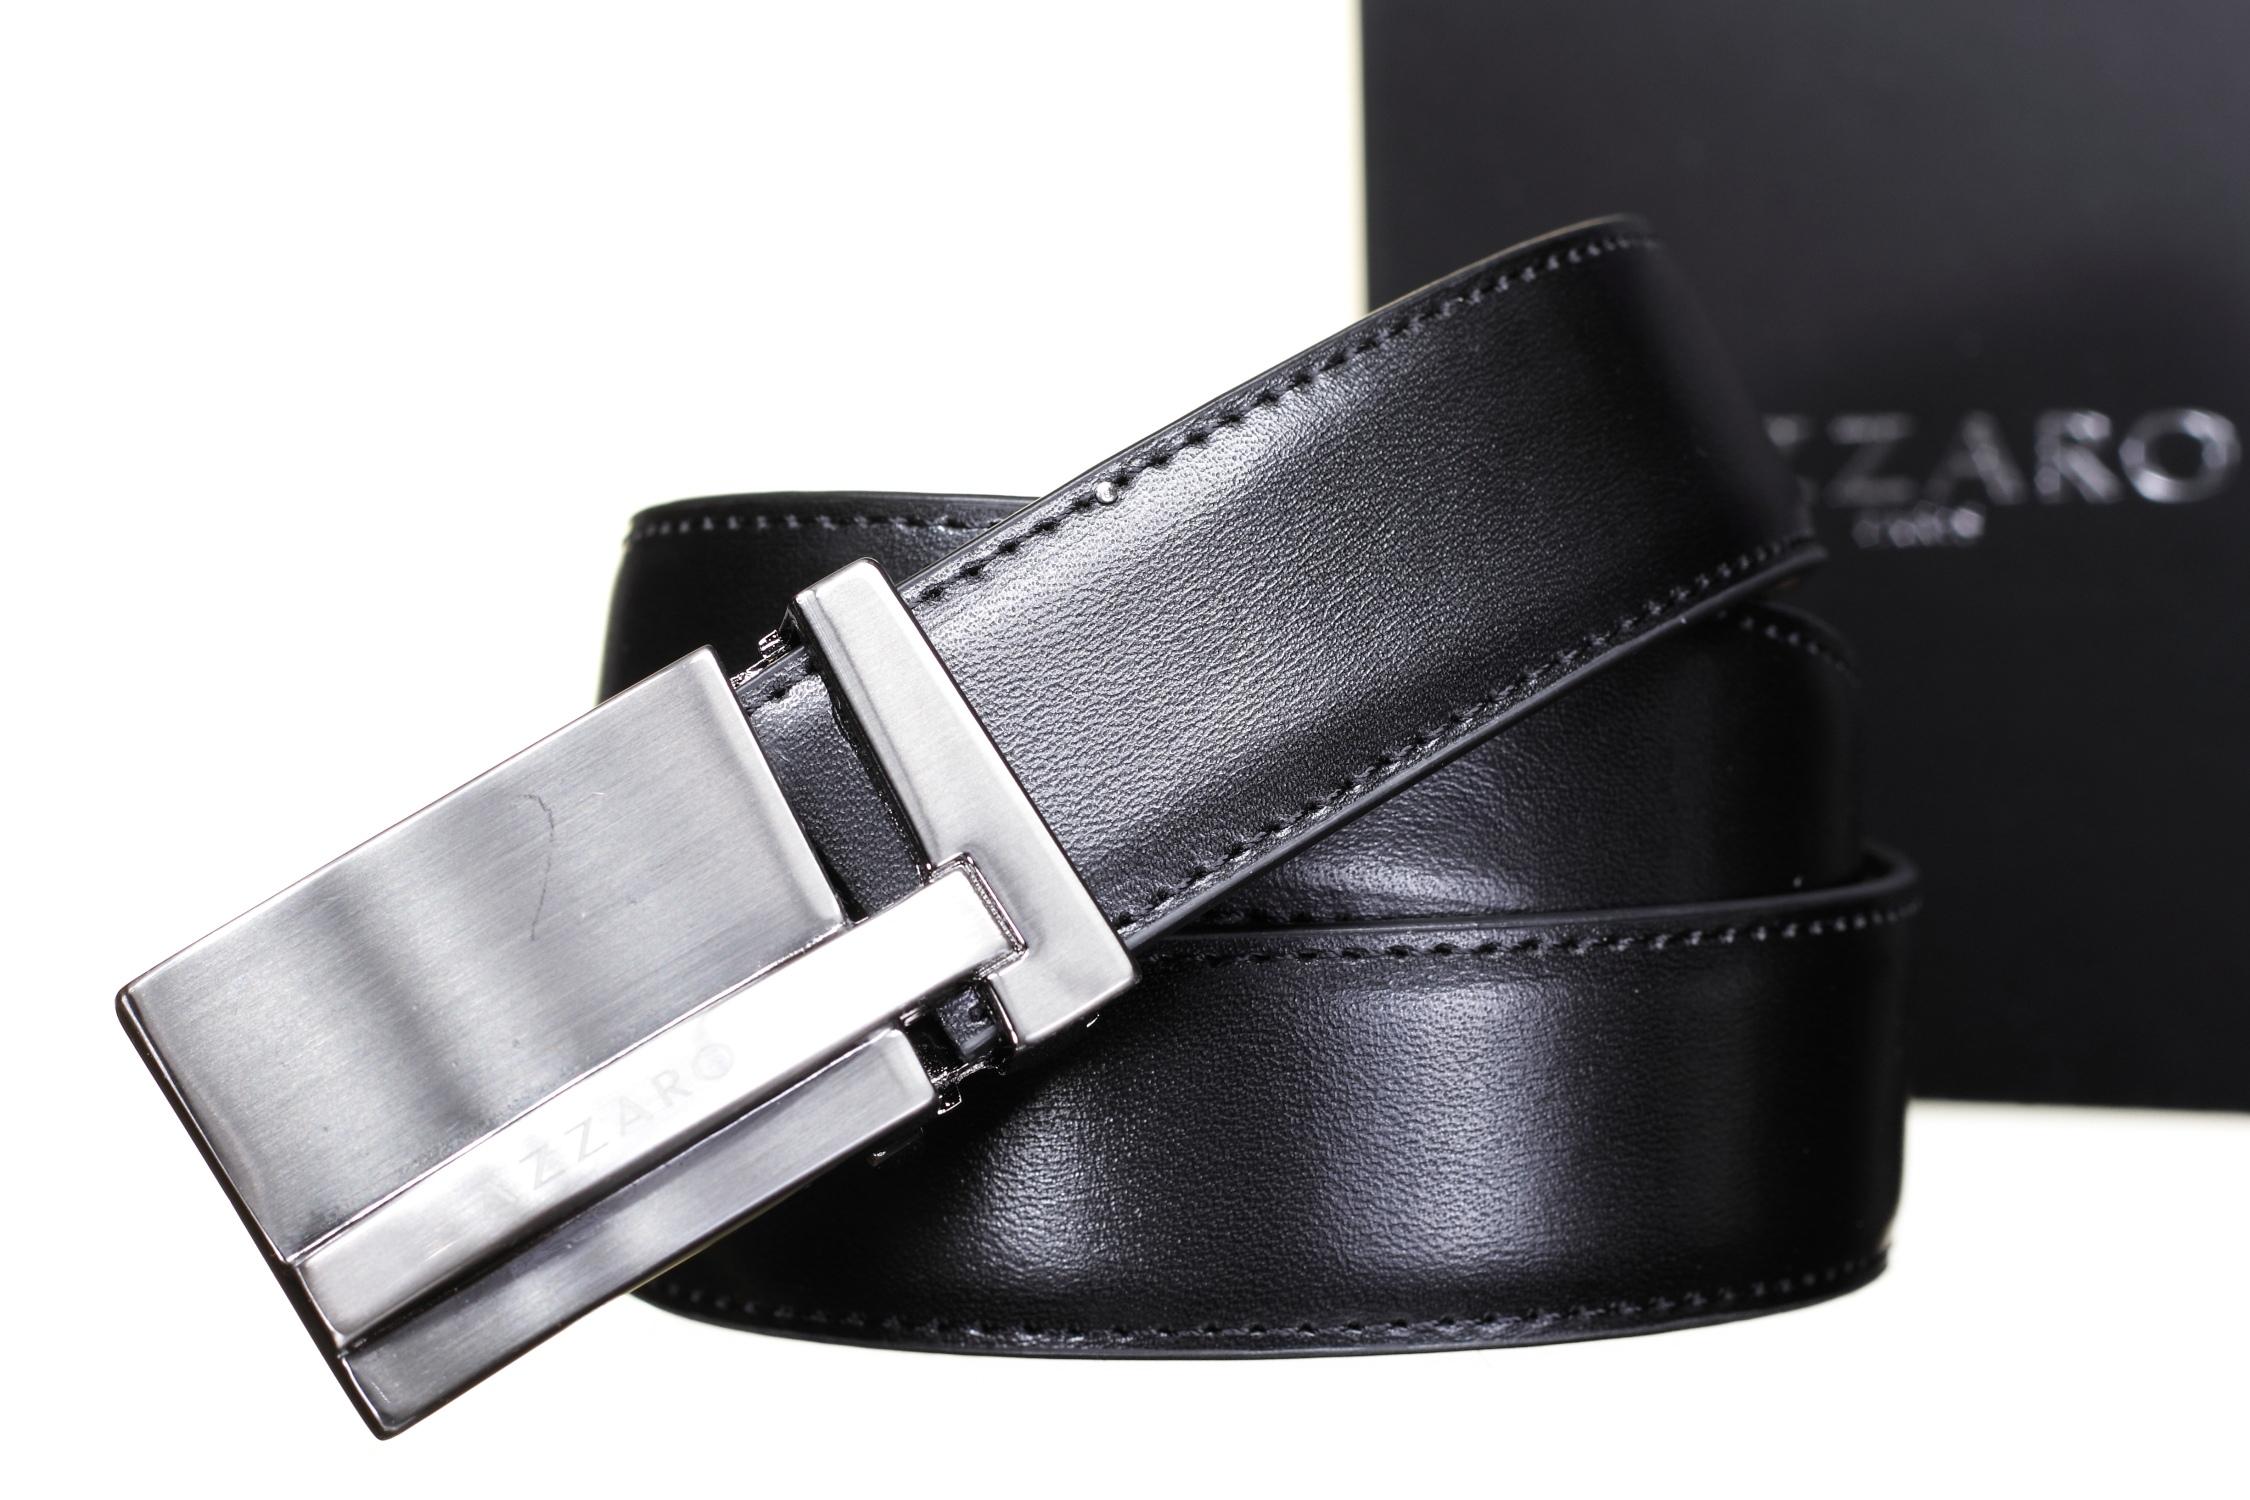 http://www.leadermode.com/90246/azzaro-21006-reversible-noir-marron.jpg